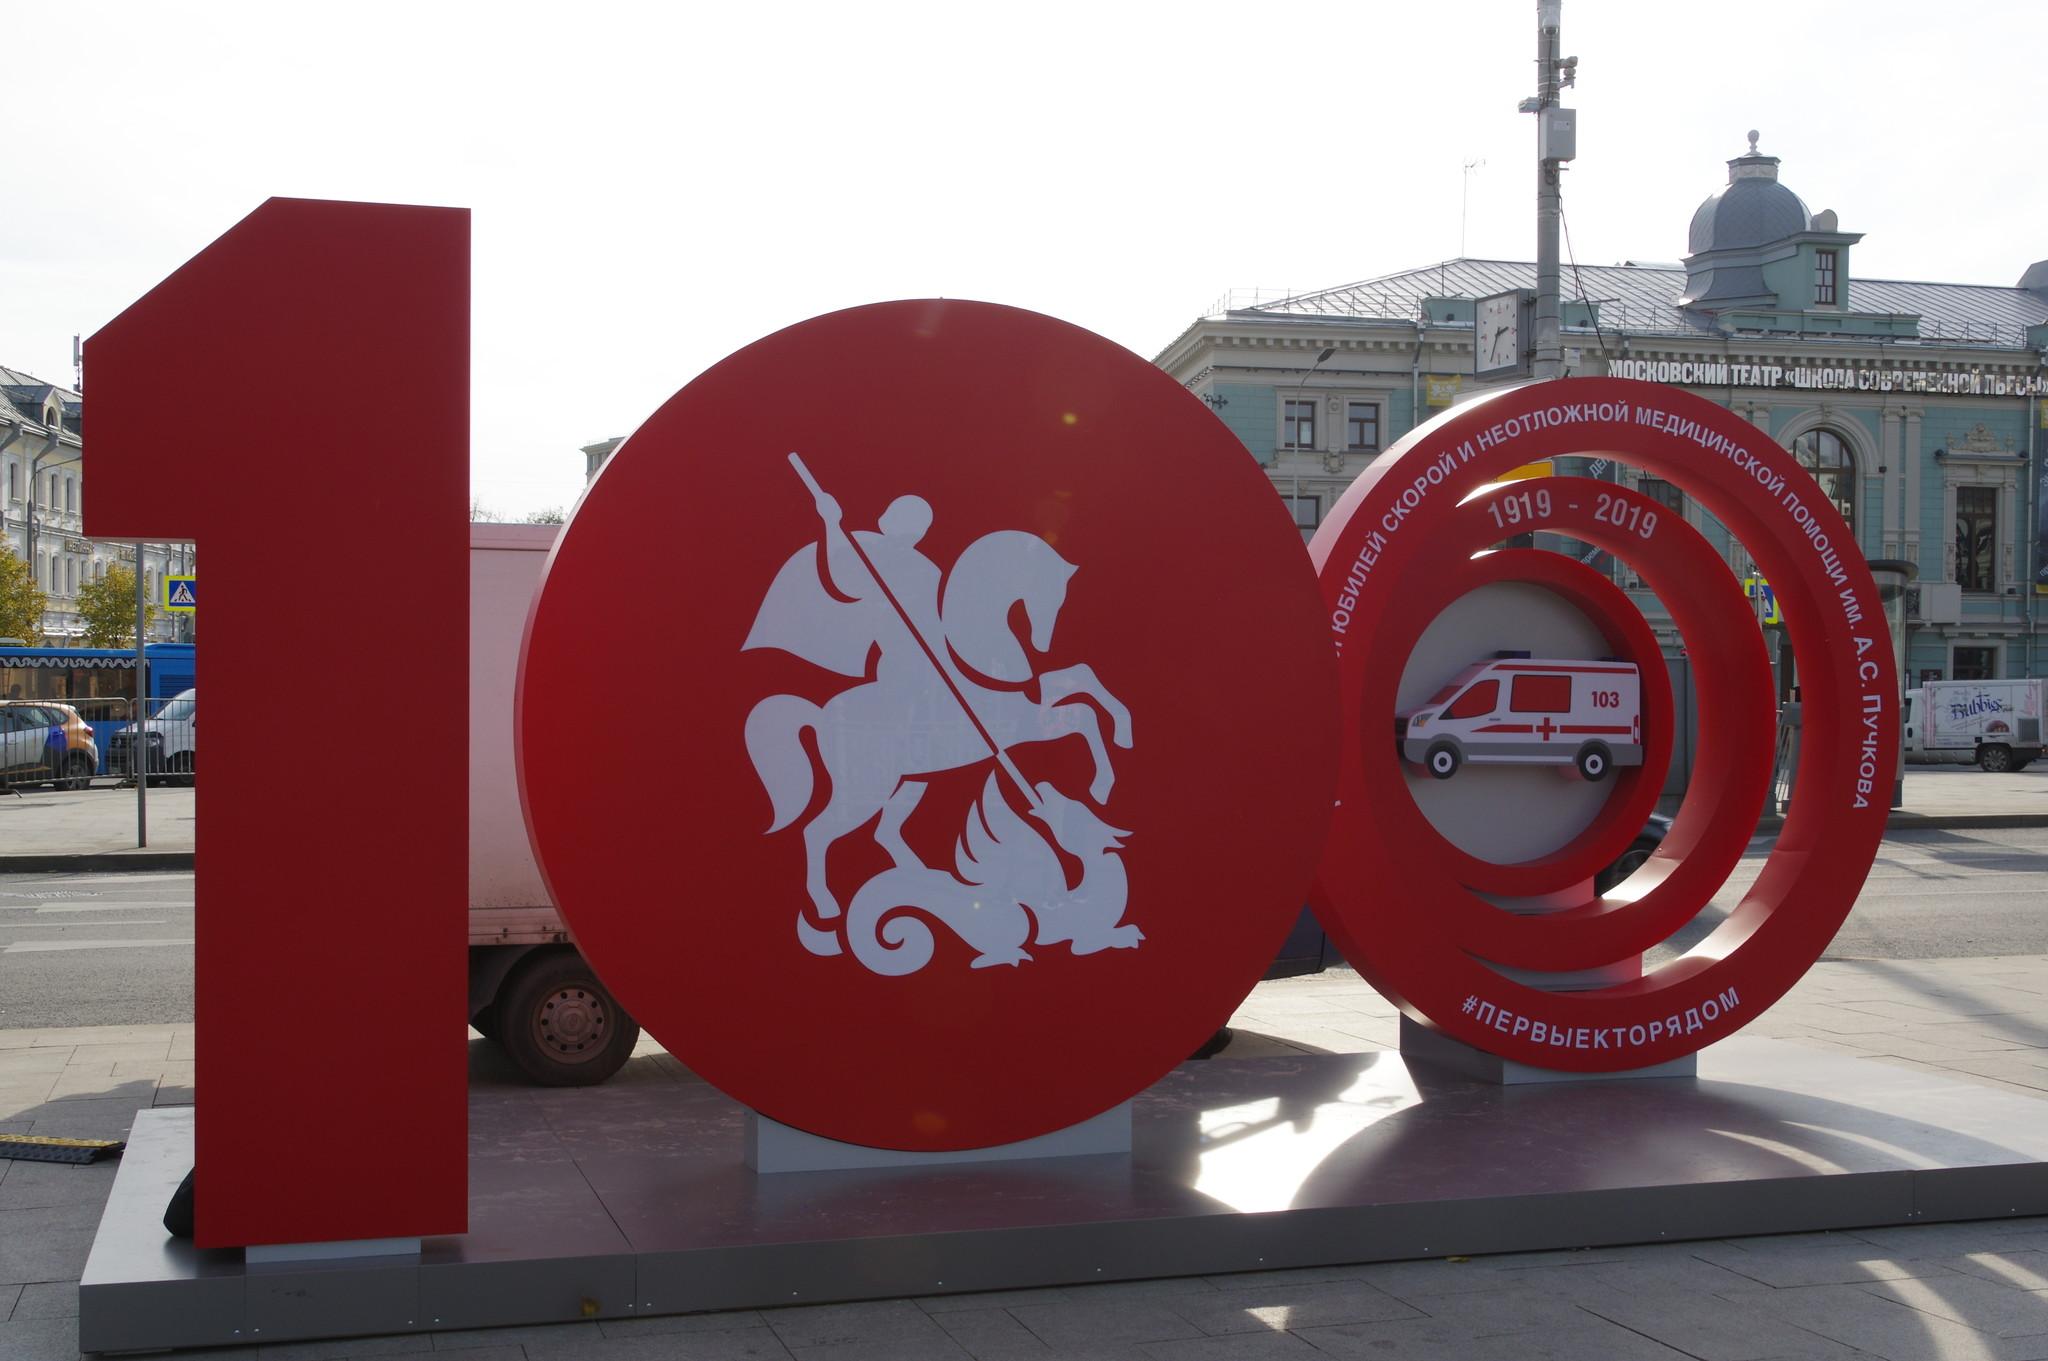 Арт-объект к 100-летию скорой помощи на Трубной площади